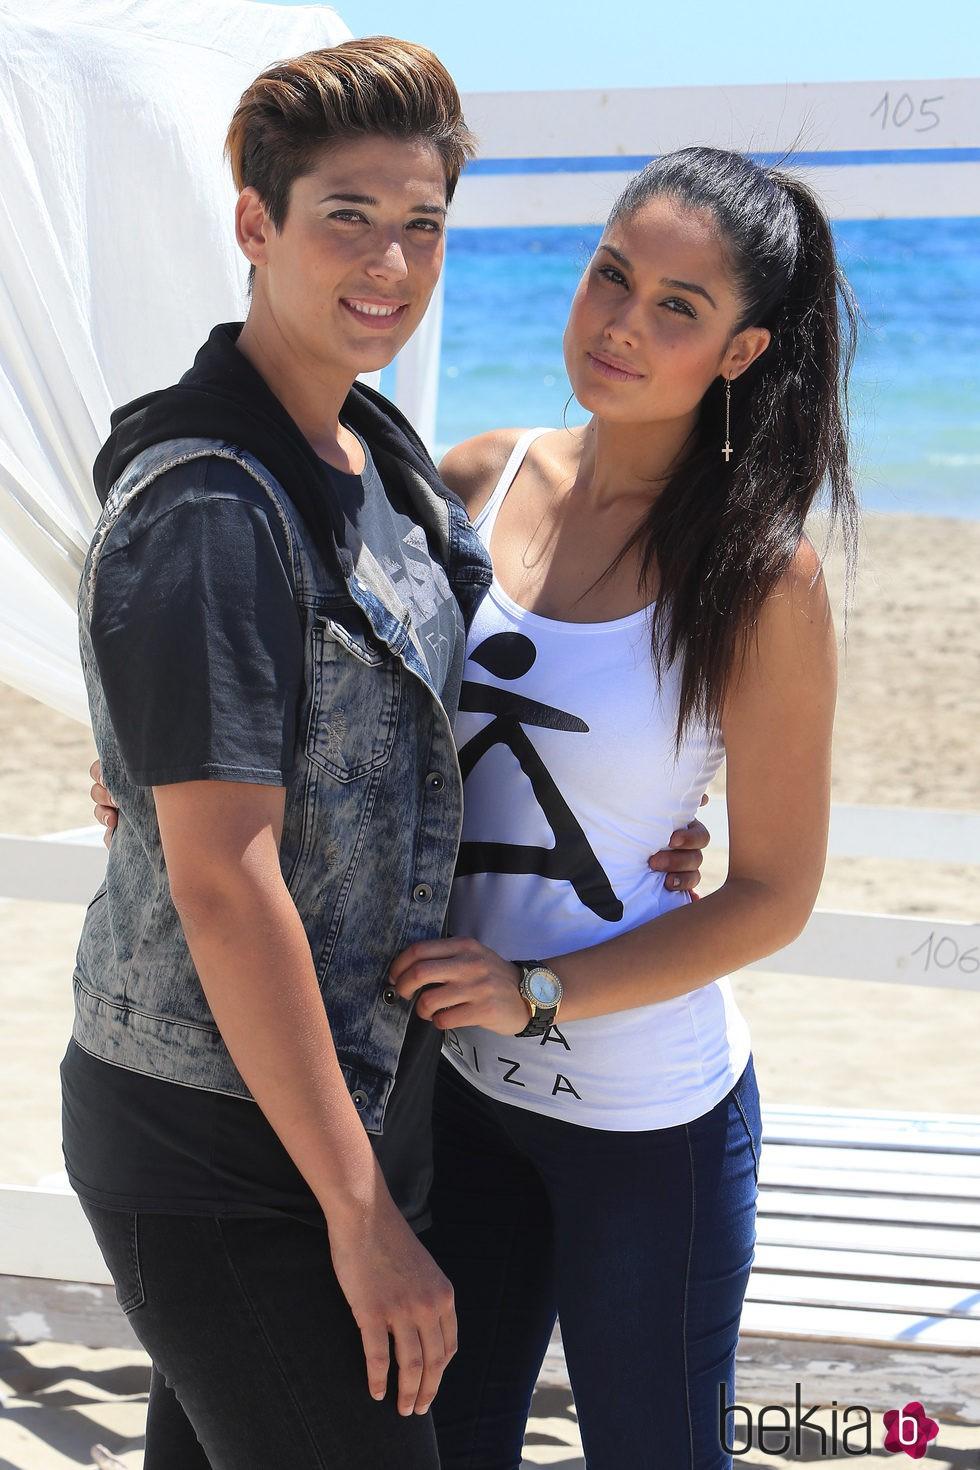 Patricia Yurena y Vanesa Klein en la Pasarela Adlib 2015 - Modelos en ...